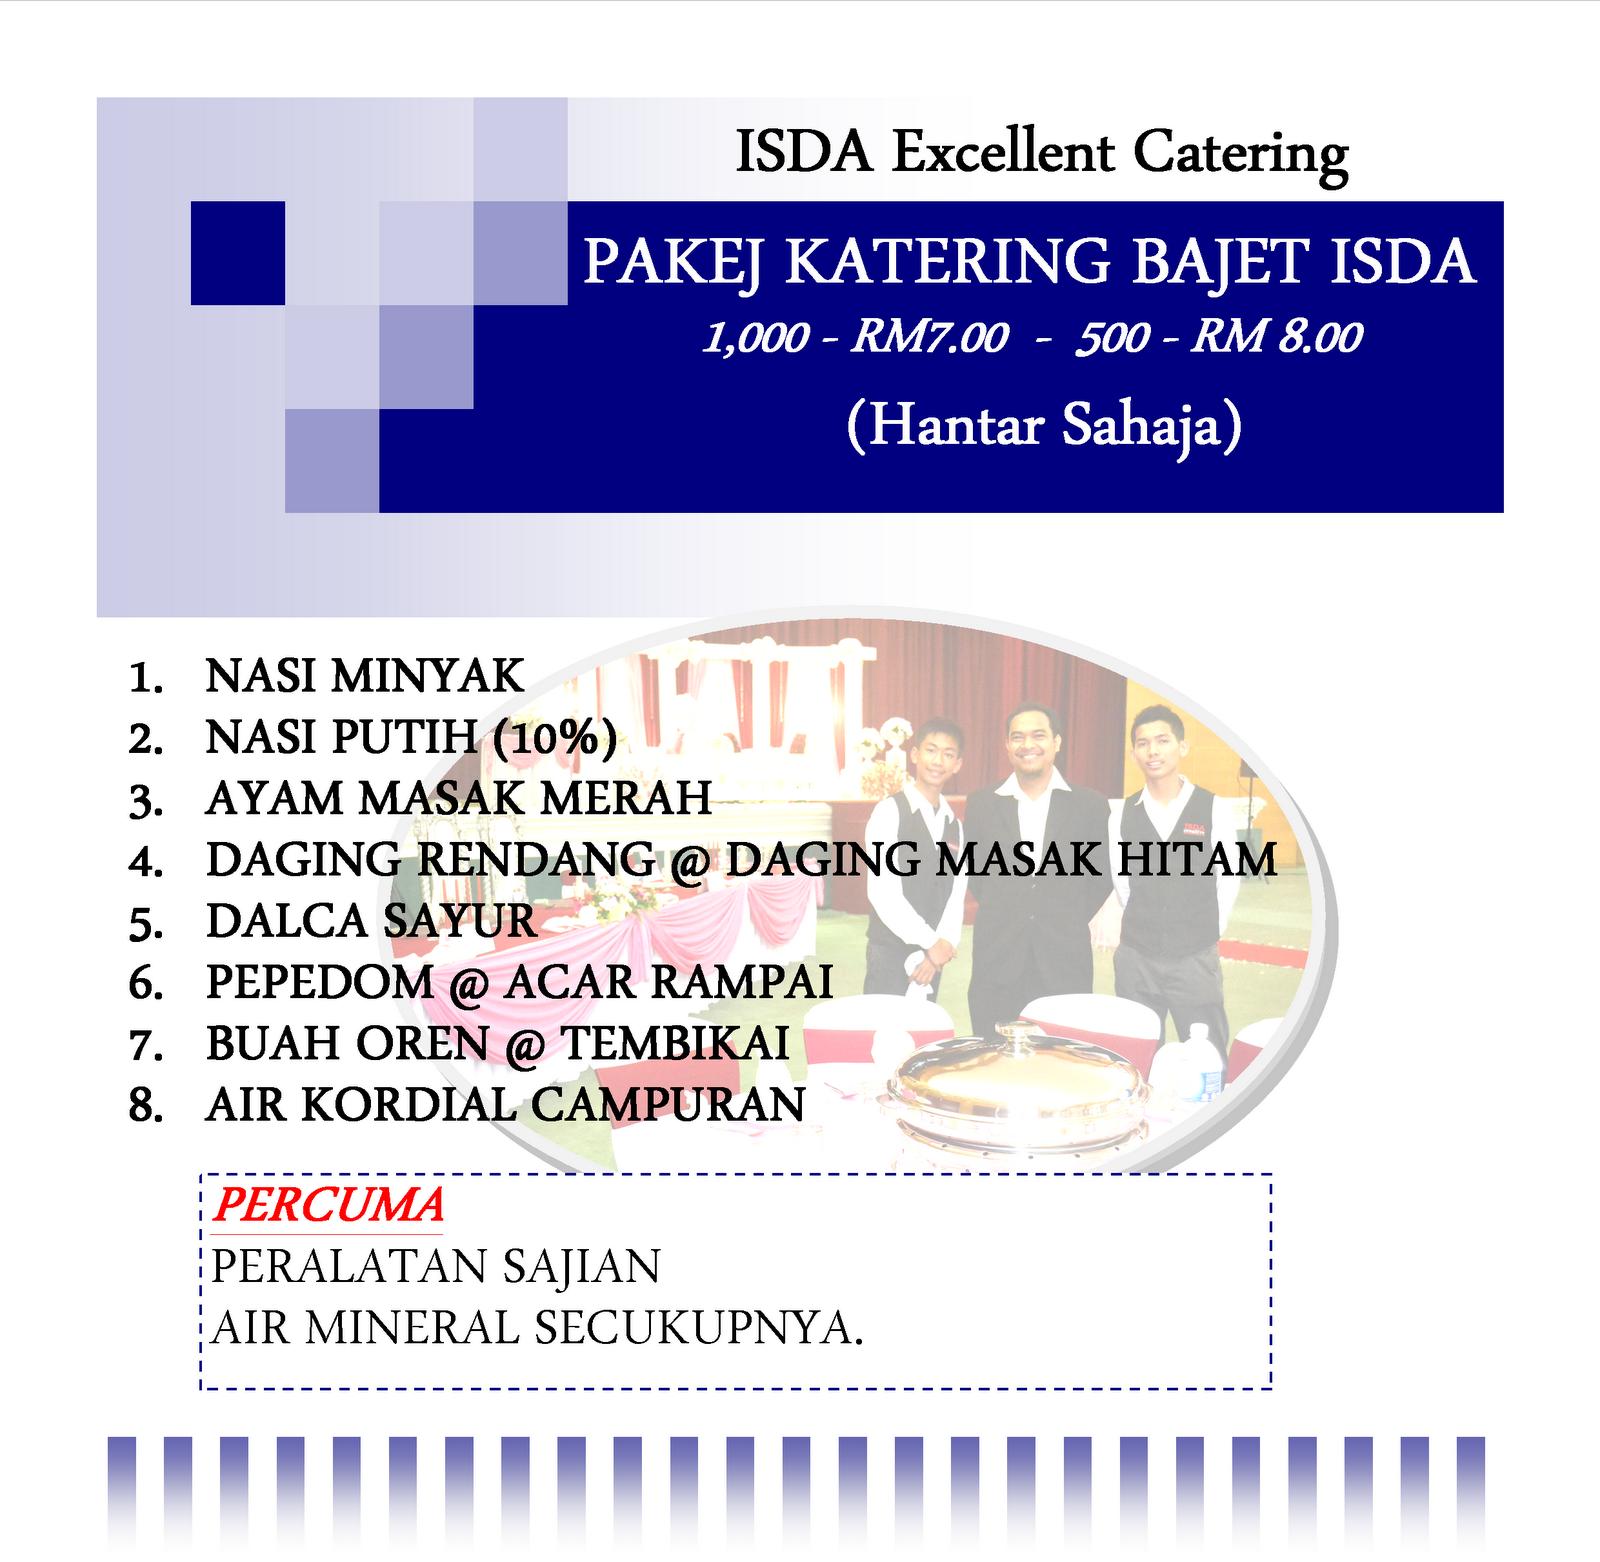 Pakej Katering Perkahwinan ISDA Catering untuk tahun 2014 adalah